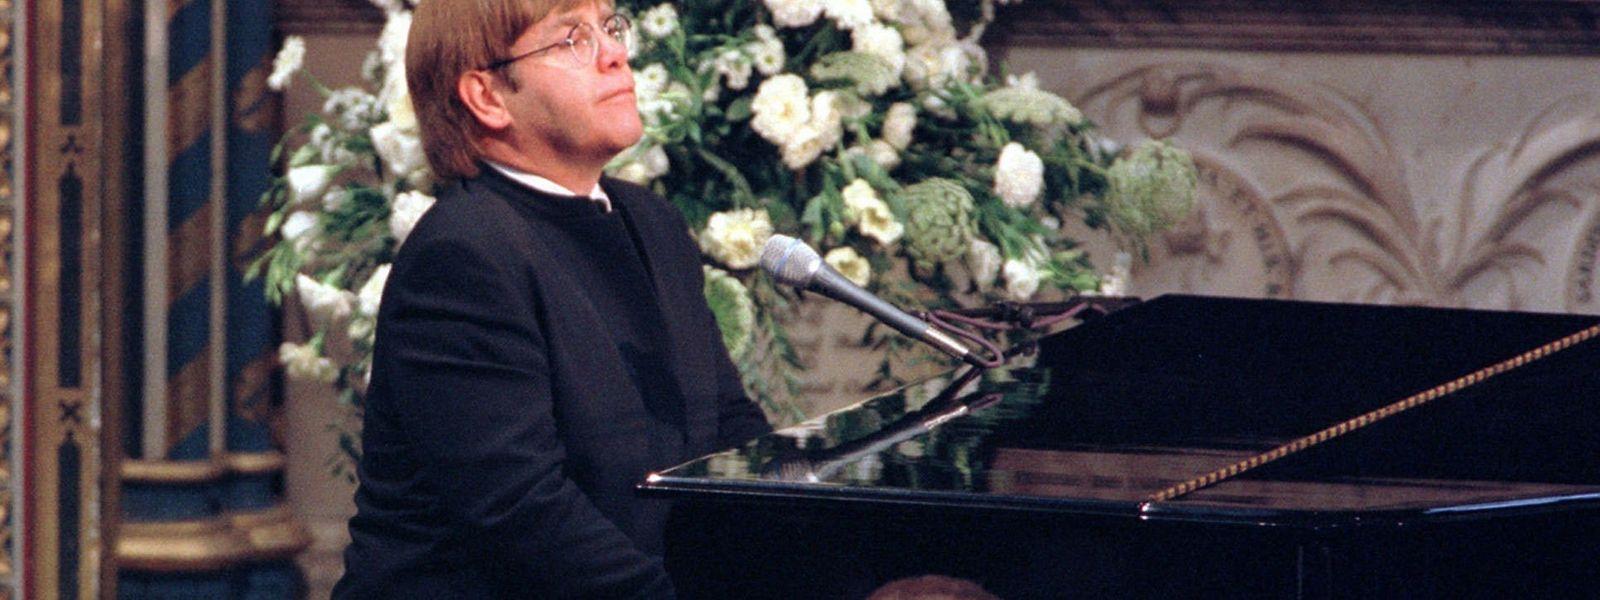 """Elton John spielt eine umgeschriebene Version von """"Candle in the Wind"""" während der Beerdigung von Diana am 6. September 1997."""